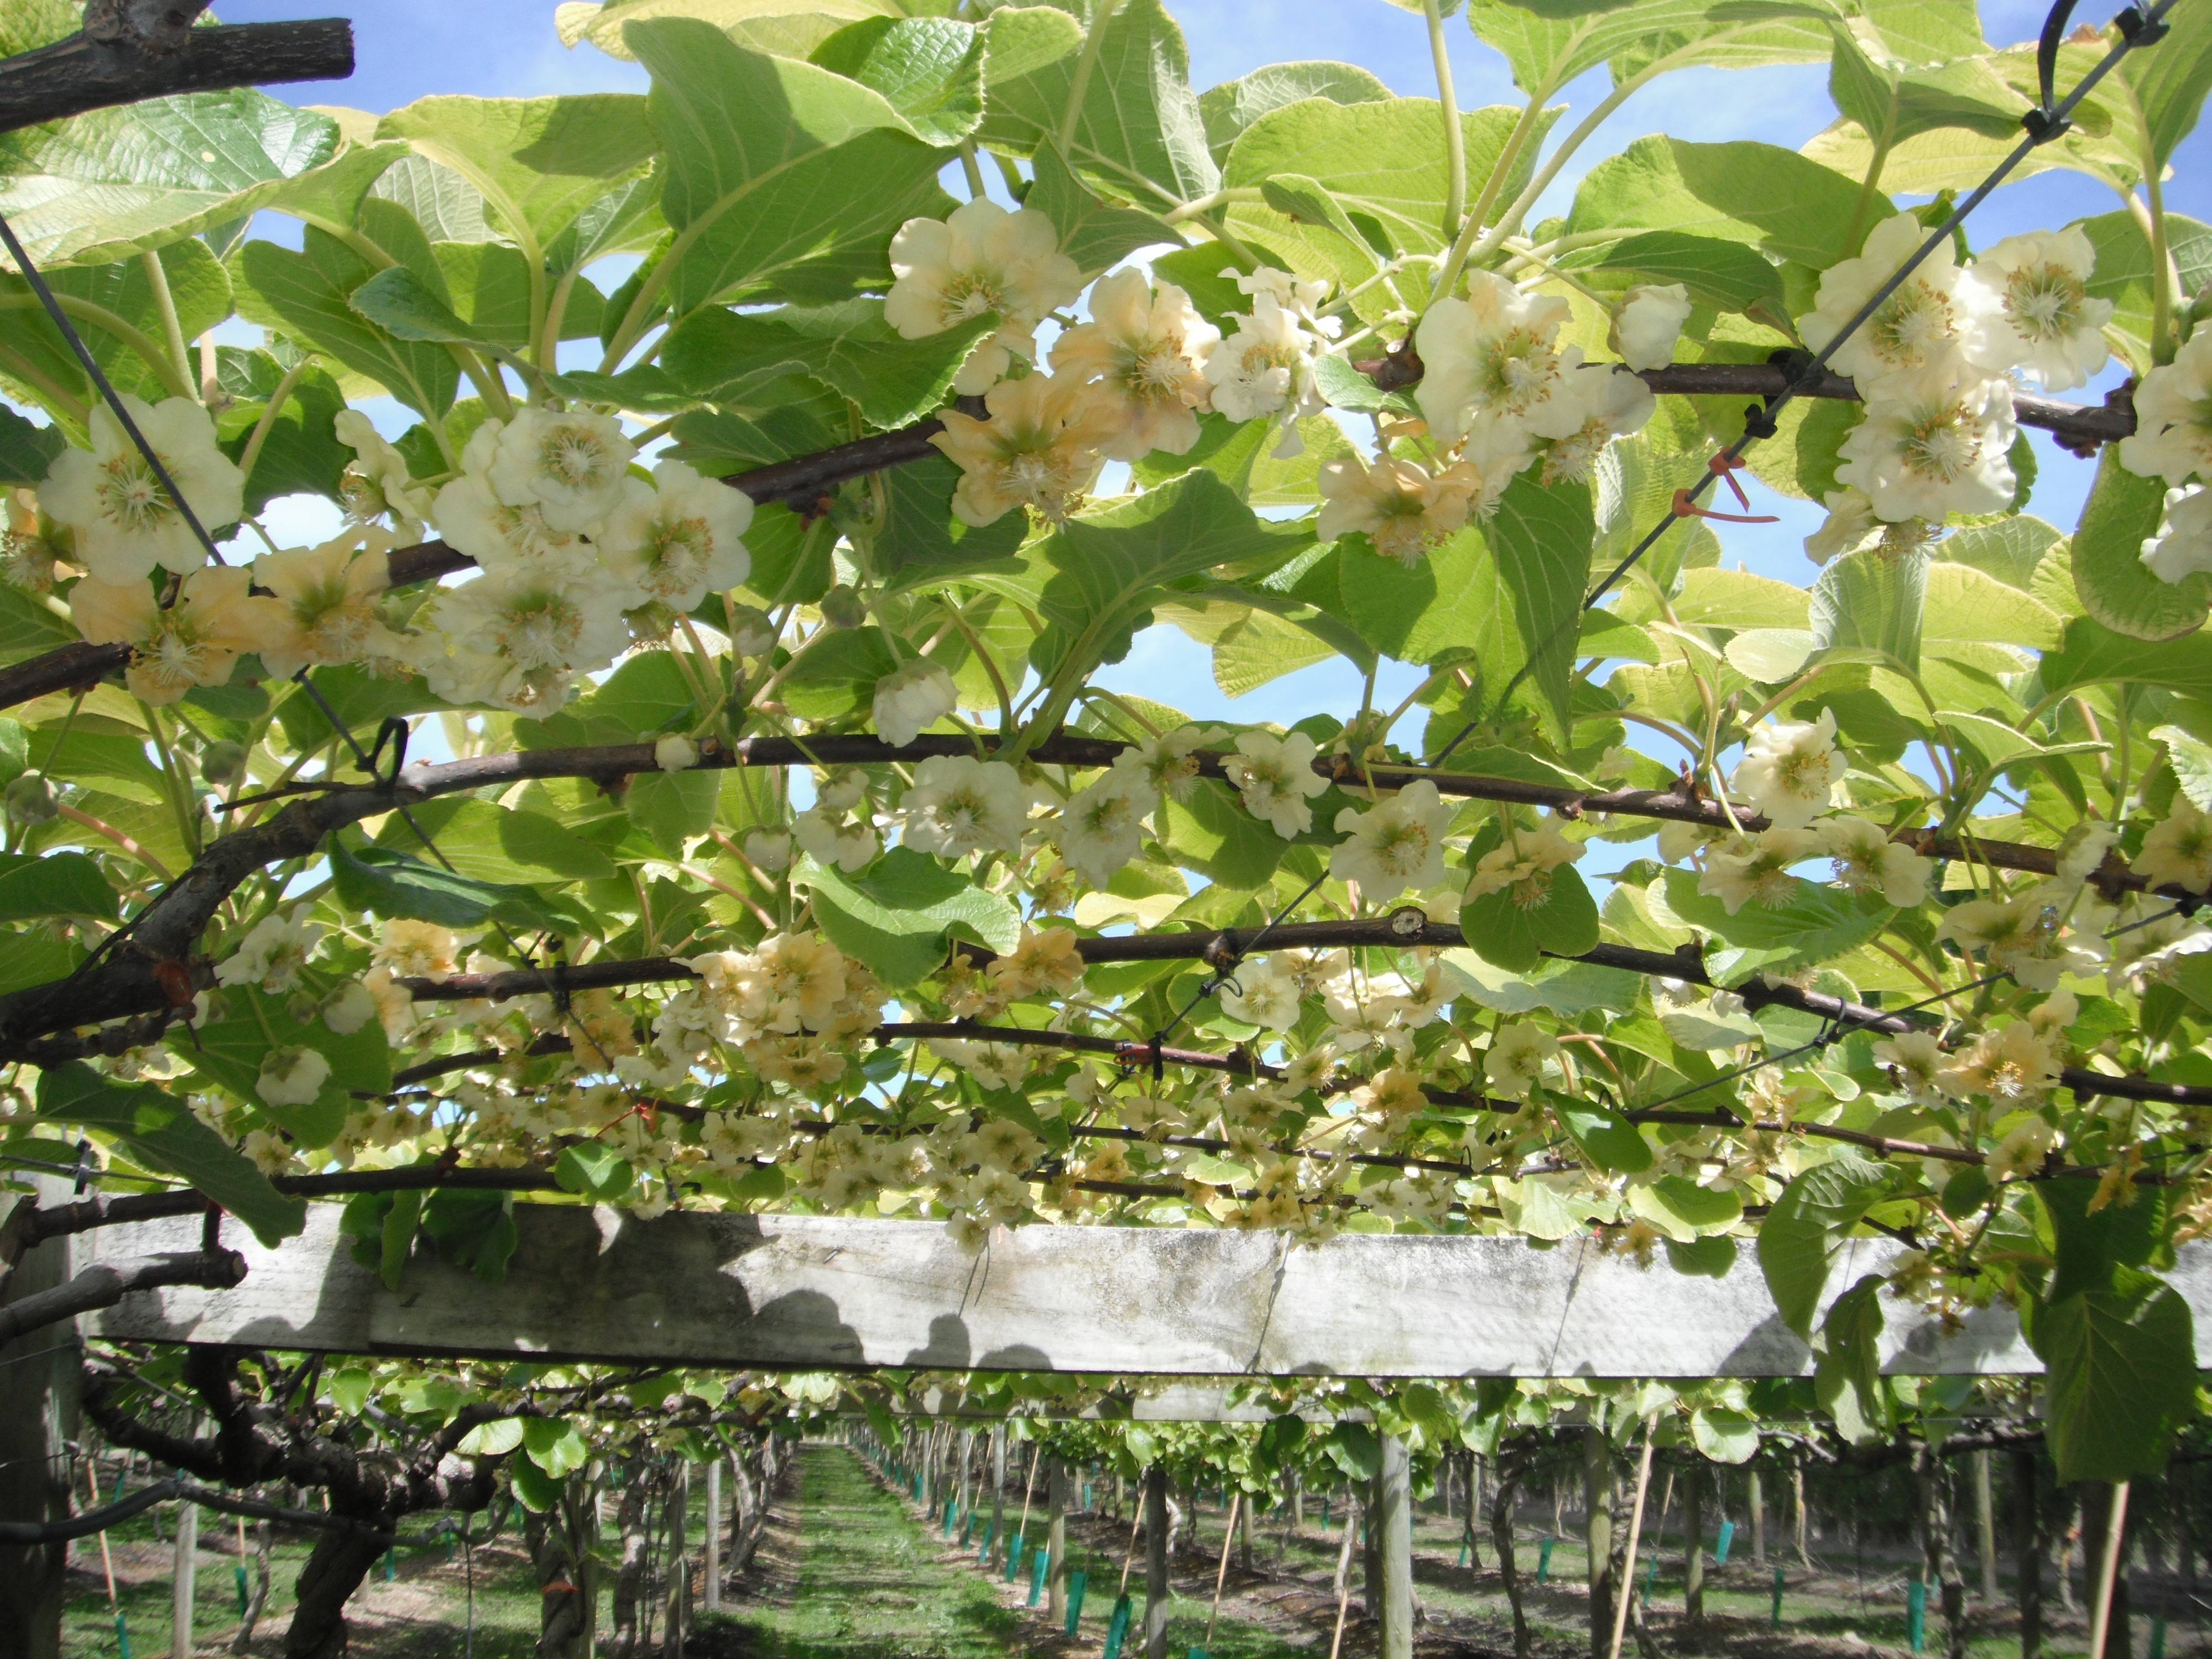 Hort16a Kiwifruit vines at flowering. Photo taken on August 24, 2010.